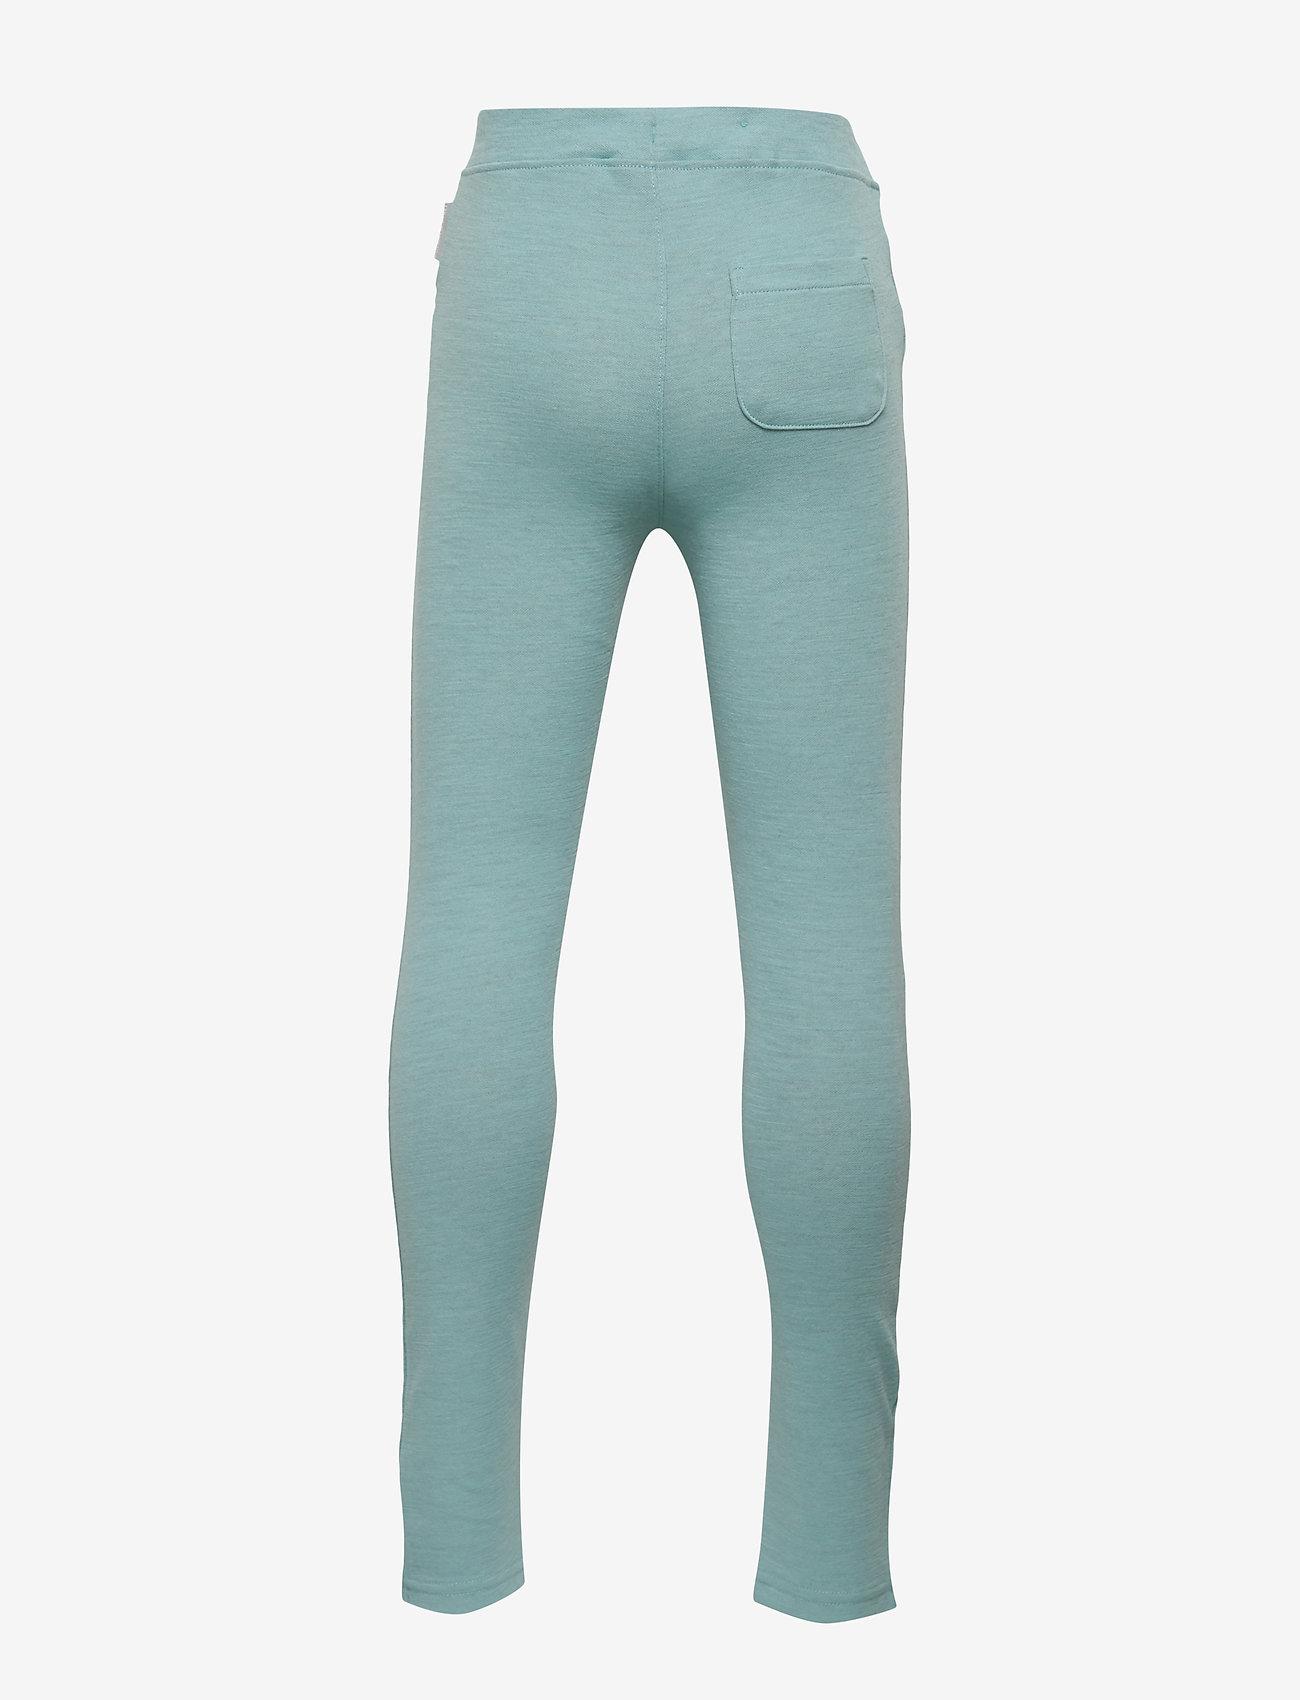 Polarn O. Pyret - Trousers w frill Preschool - wol - marine blue - 1